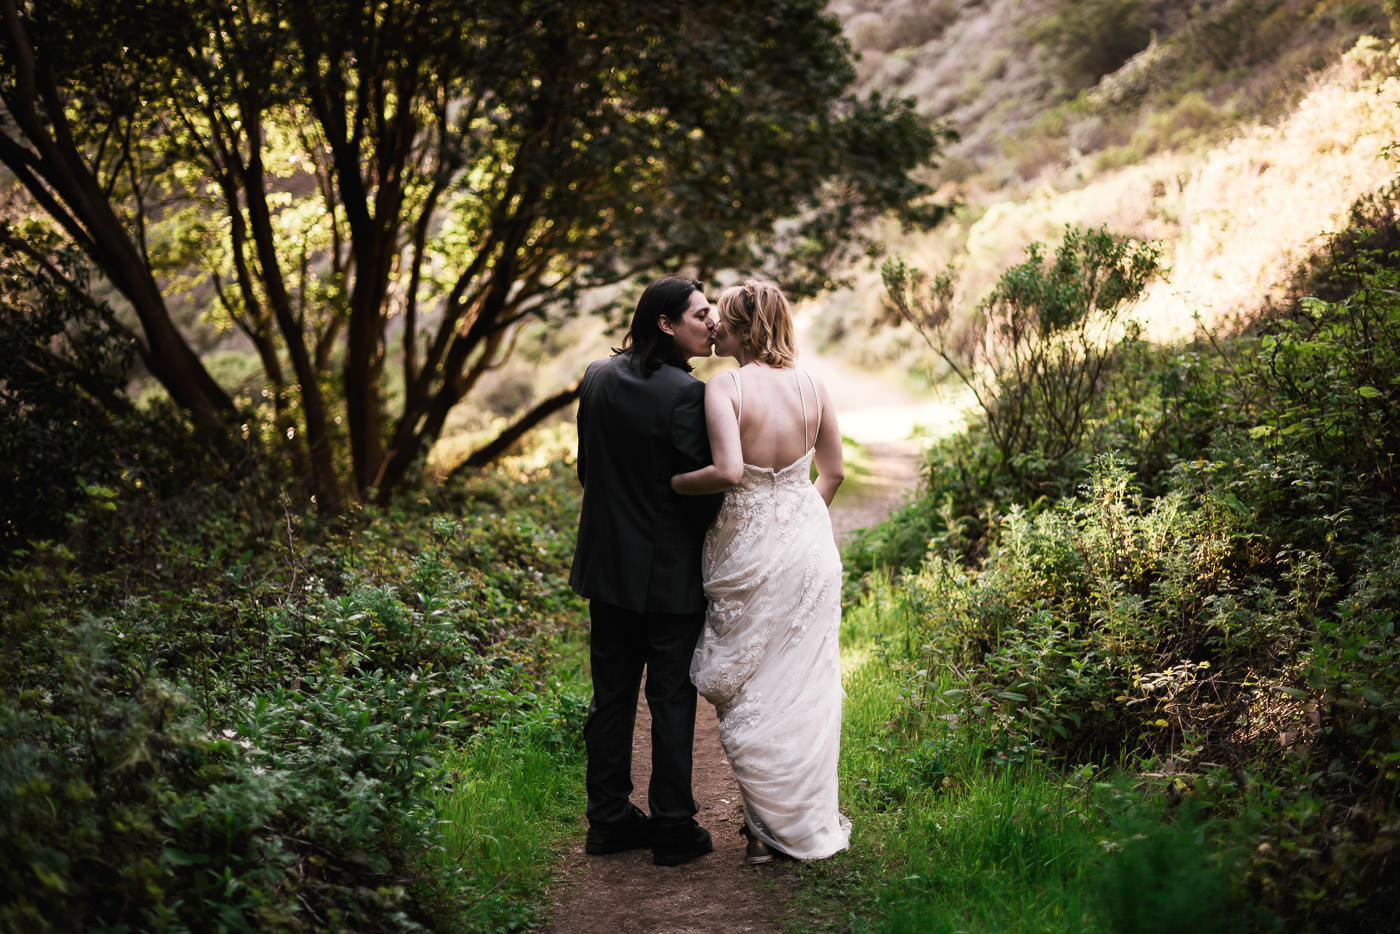 Wedding photographer near Monteray California.